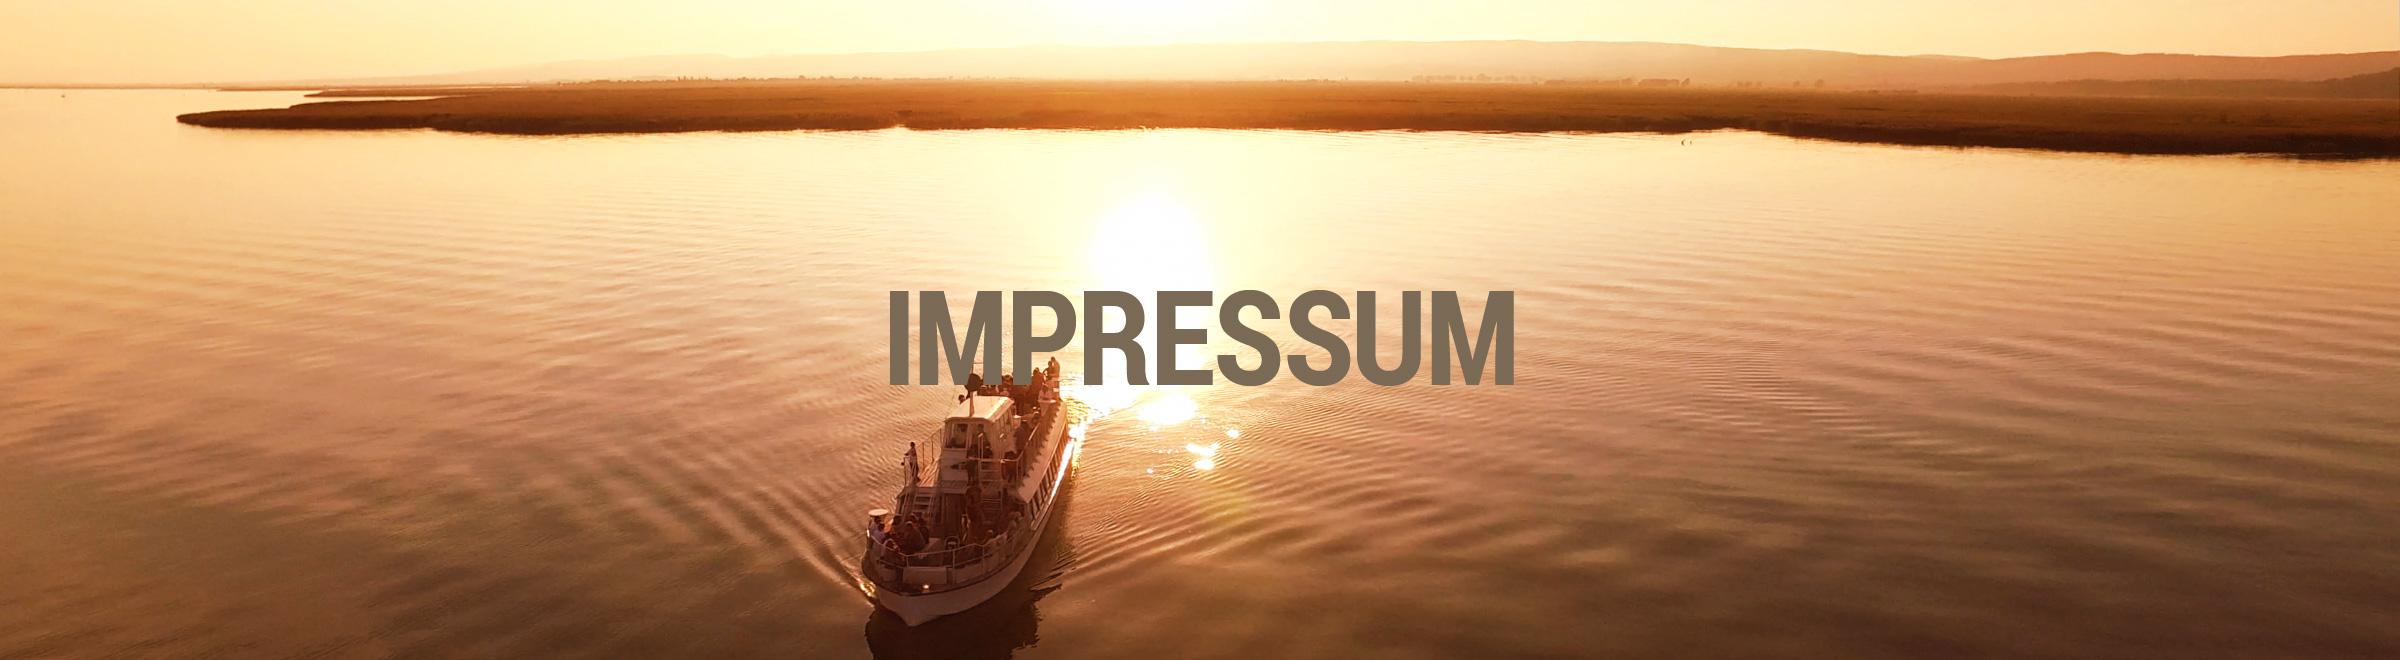 header_impressum